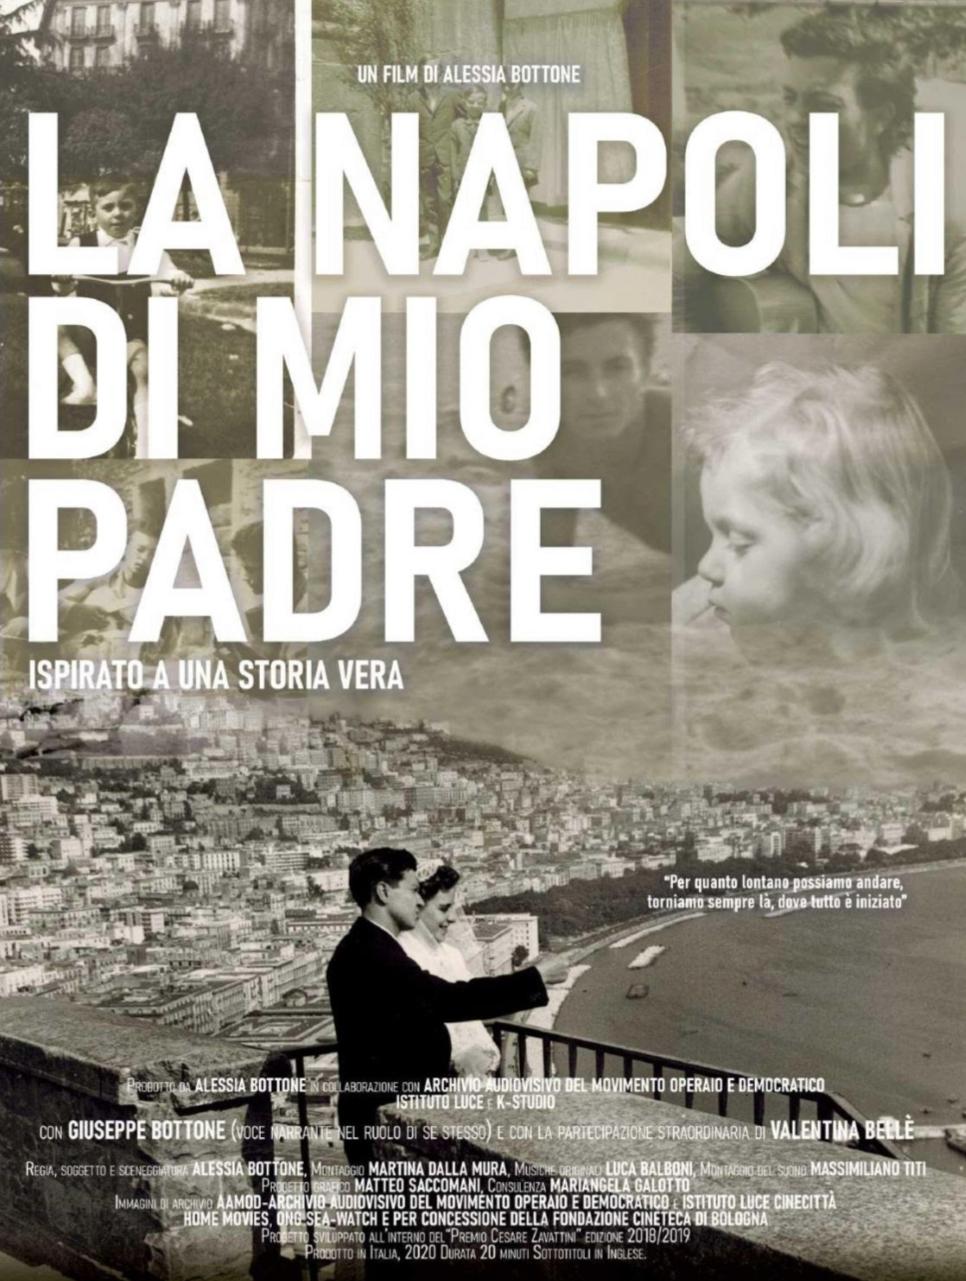 La Napoli di mio padre